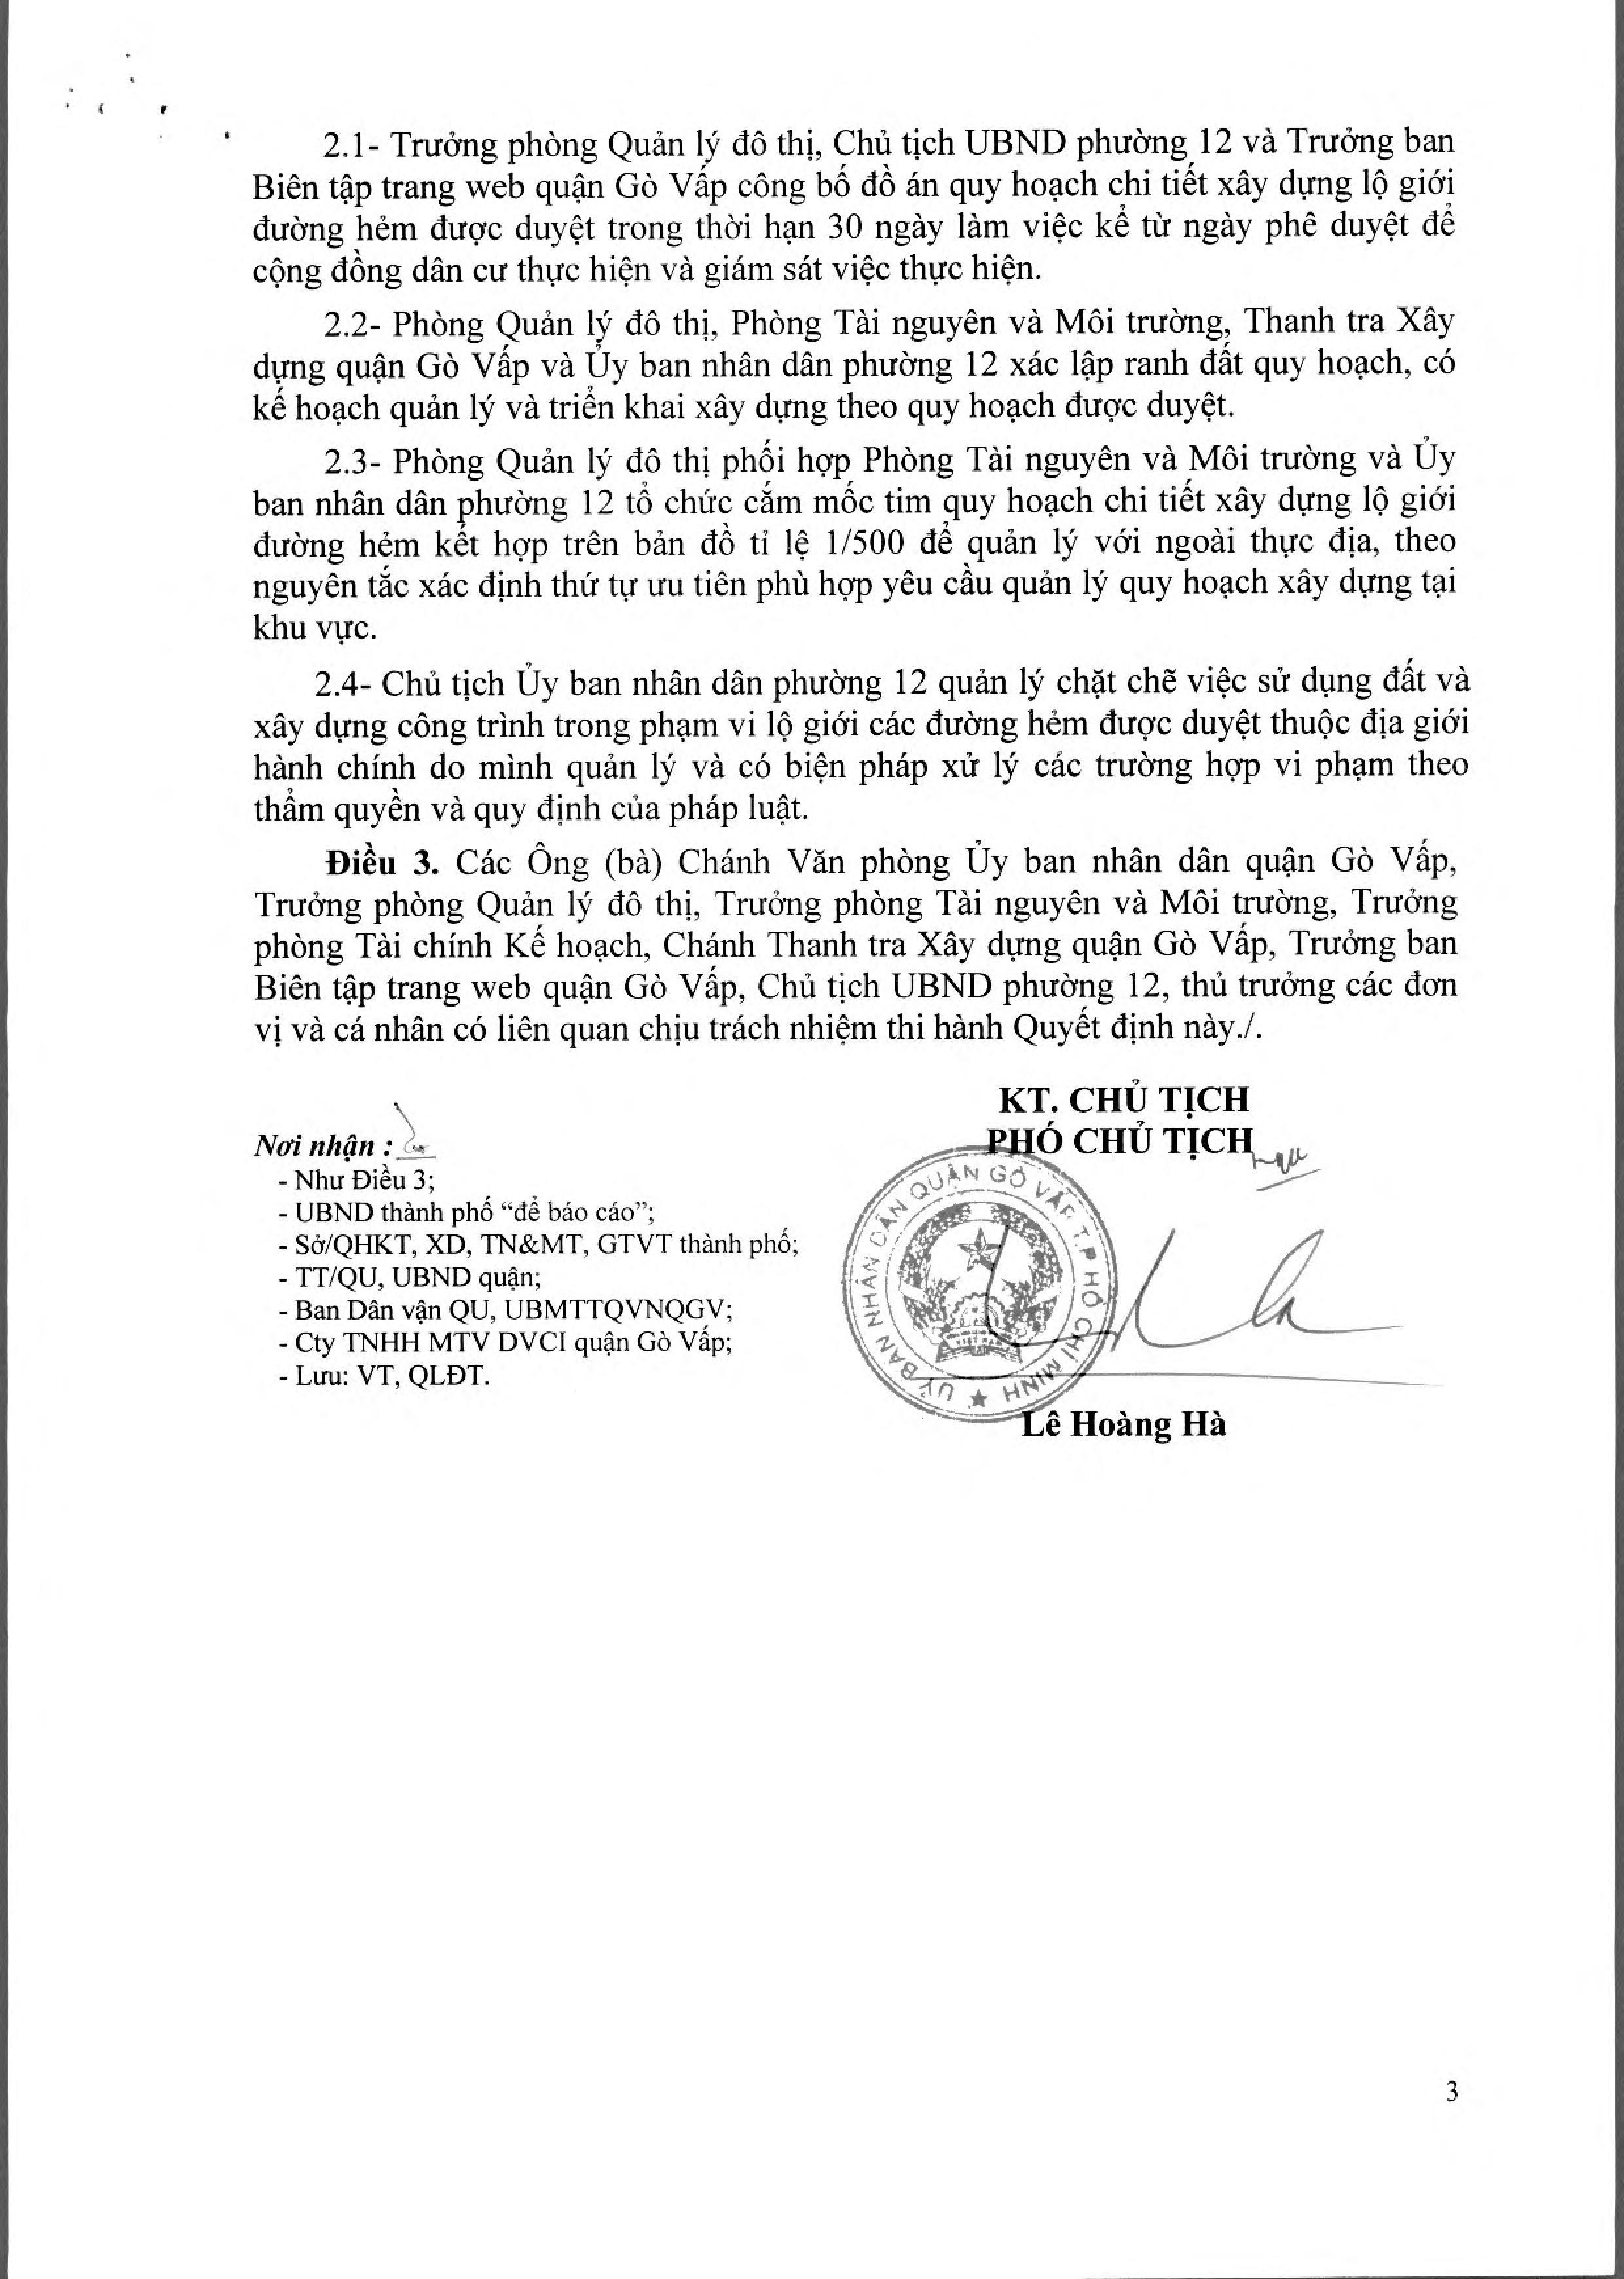 Quyết định số 5483/QĐ-UBND quy hoạch lộ giới đường hẻm tỉ lệ 1/500 phường 12 quận Gò Vấp